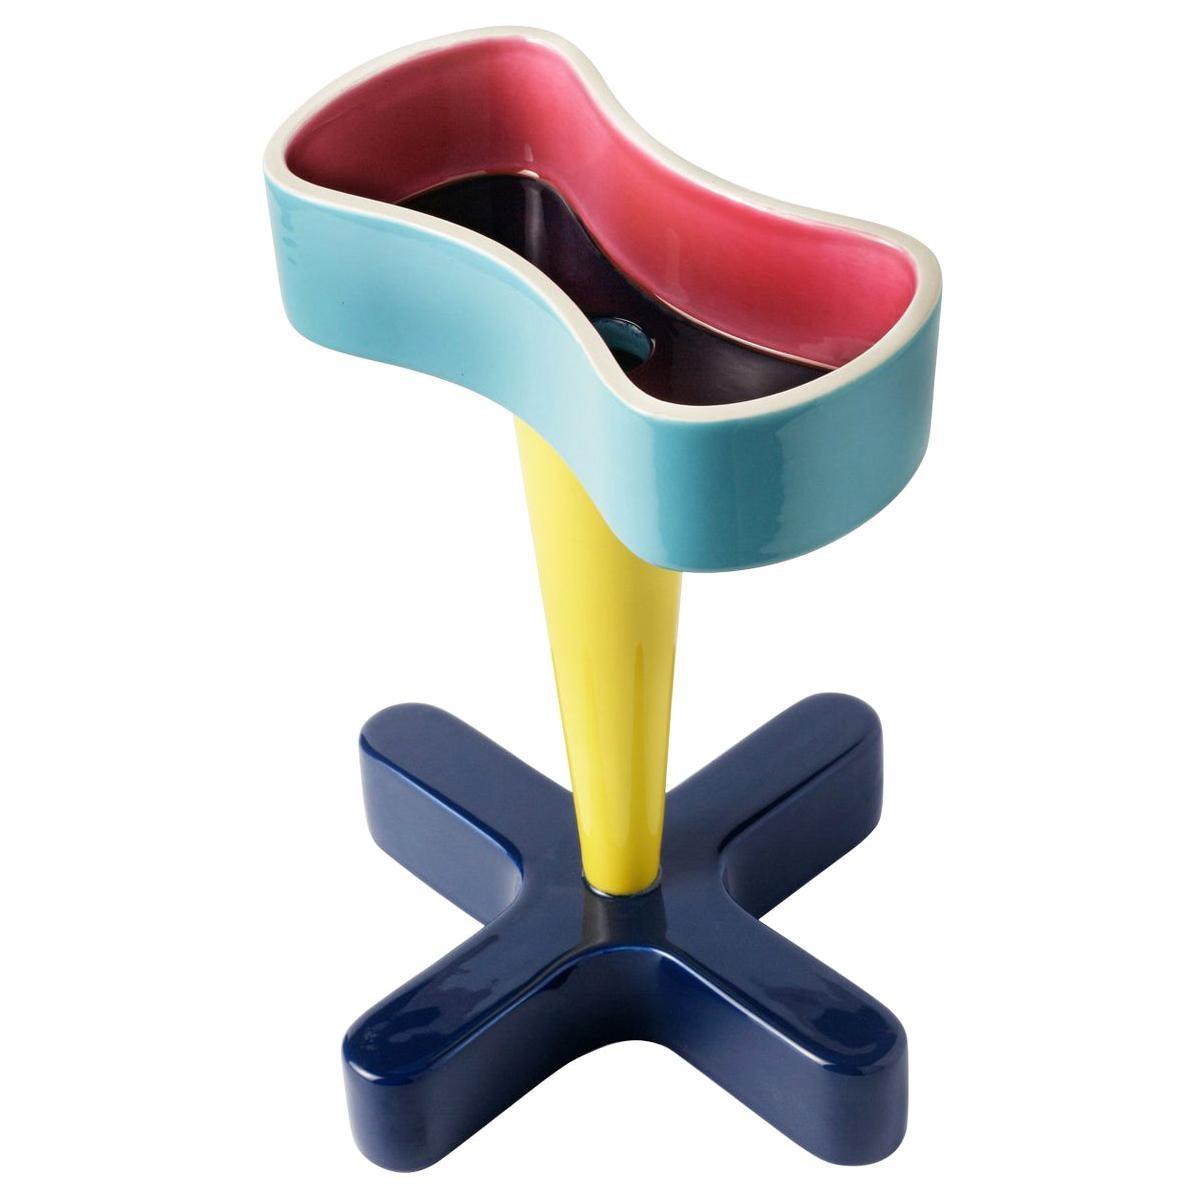 Ellipse Vase by Karim Rashid